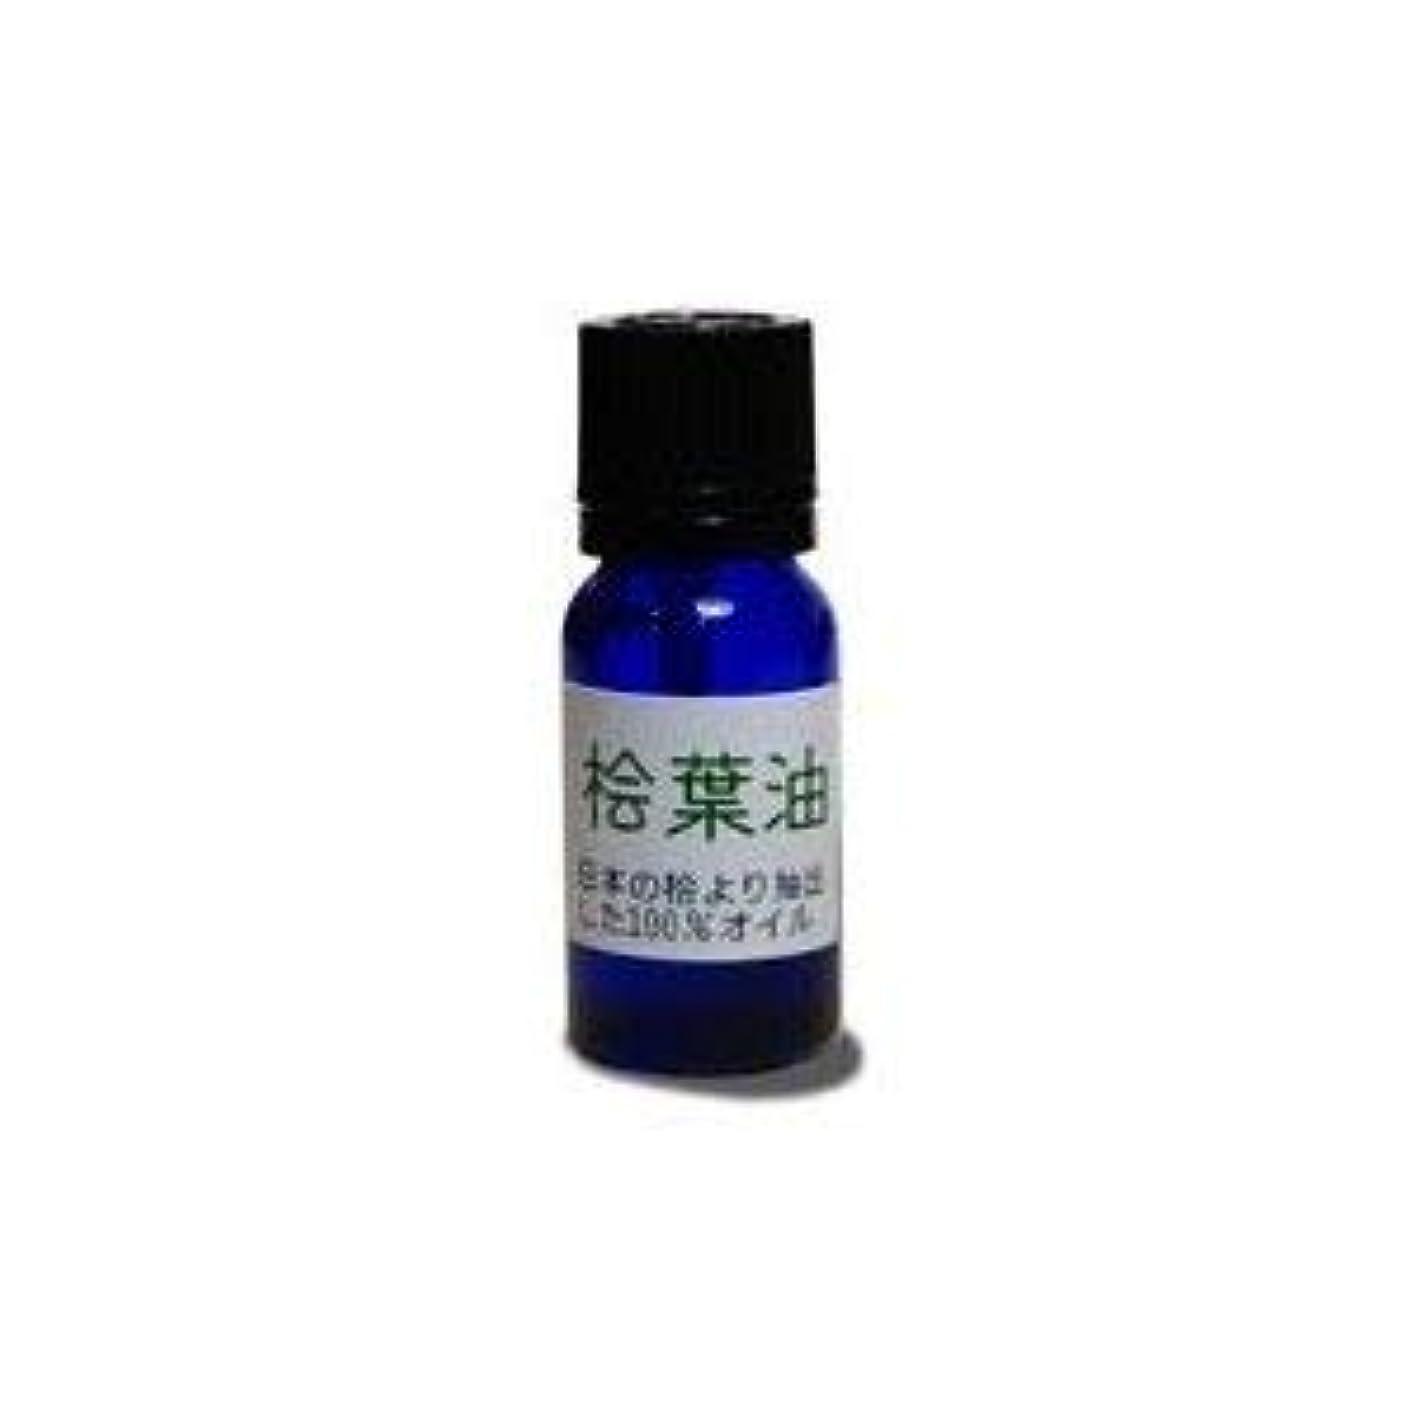 ひのき葉オイル (希少なひのきの「葉」から抽出した100%天然のヒノキ葉オイル)5ml アロマ、お部屋やお車の芳香剤、お風呂の入浴剤にhinoki oil 桧葉油